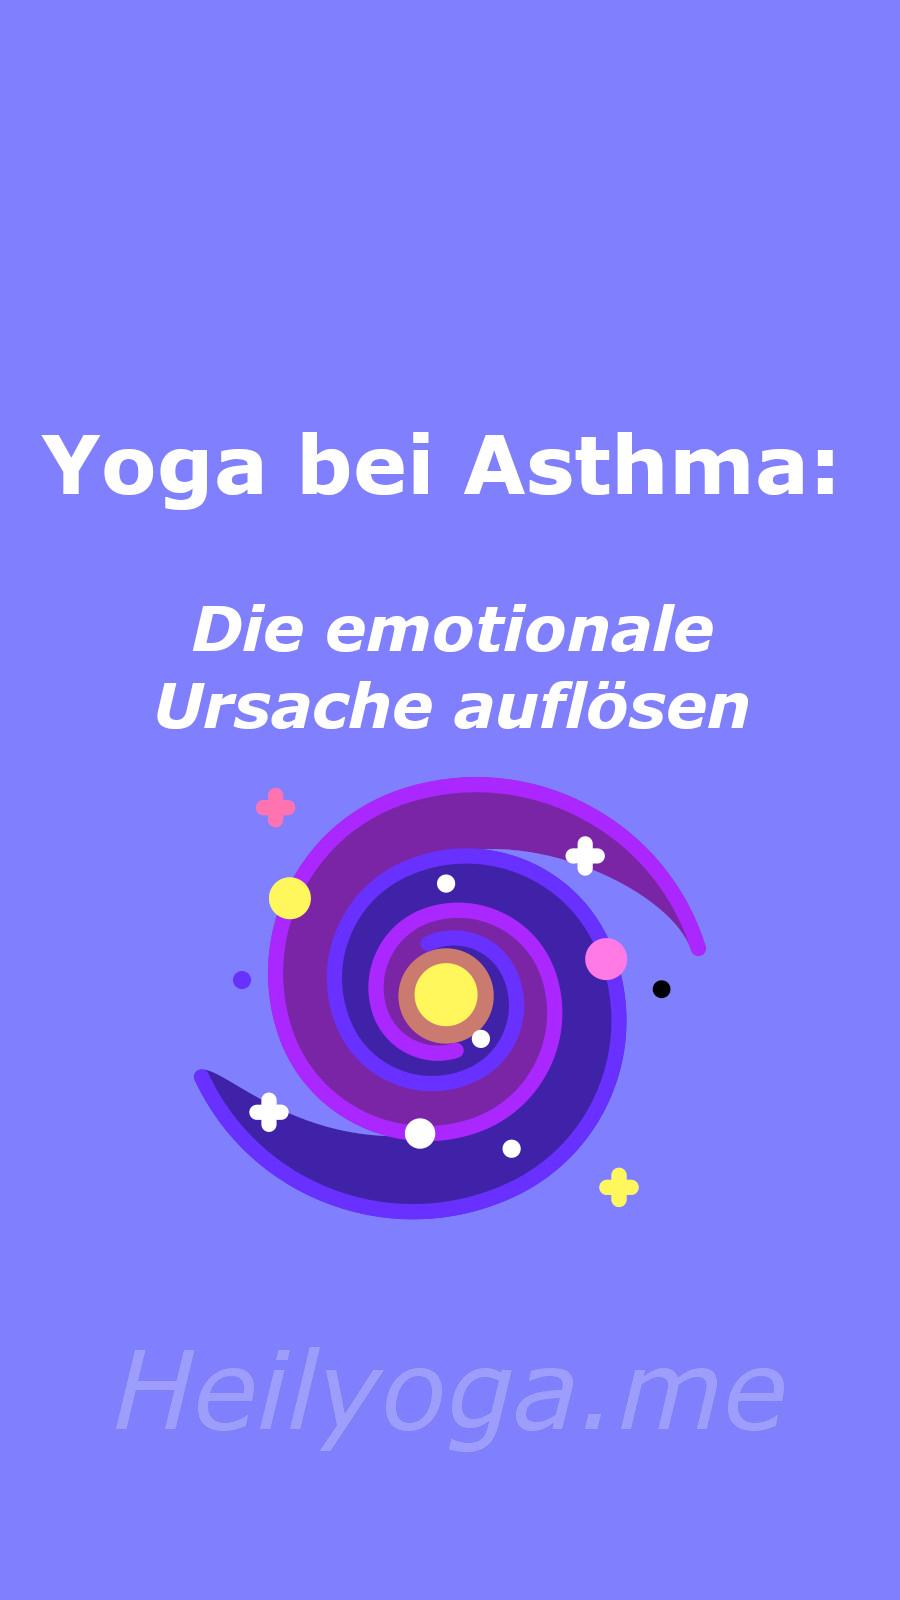 Yoga bei Asthma und Bronchitis - Die emotionale Ursache auflösen